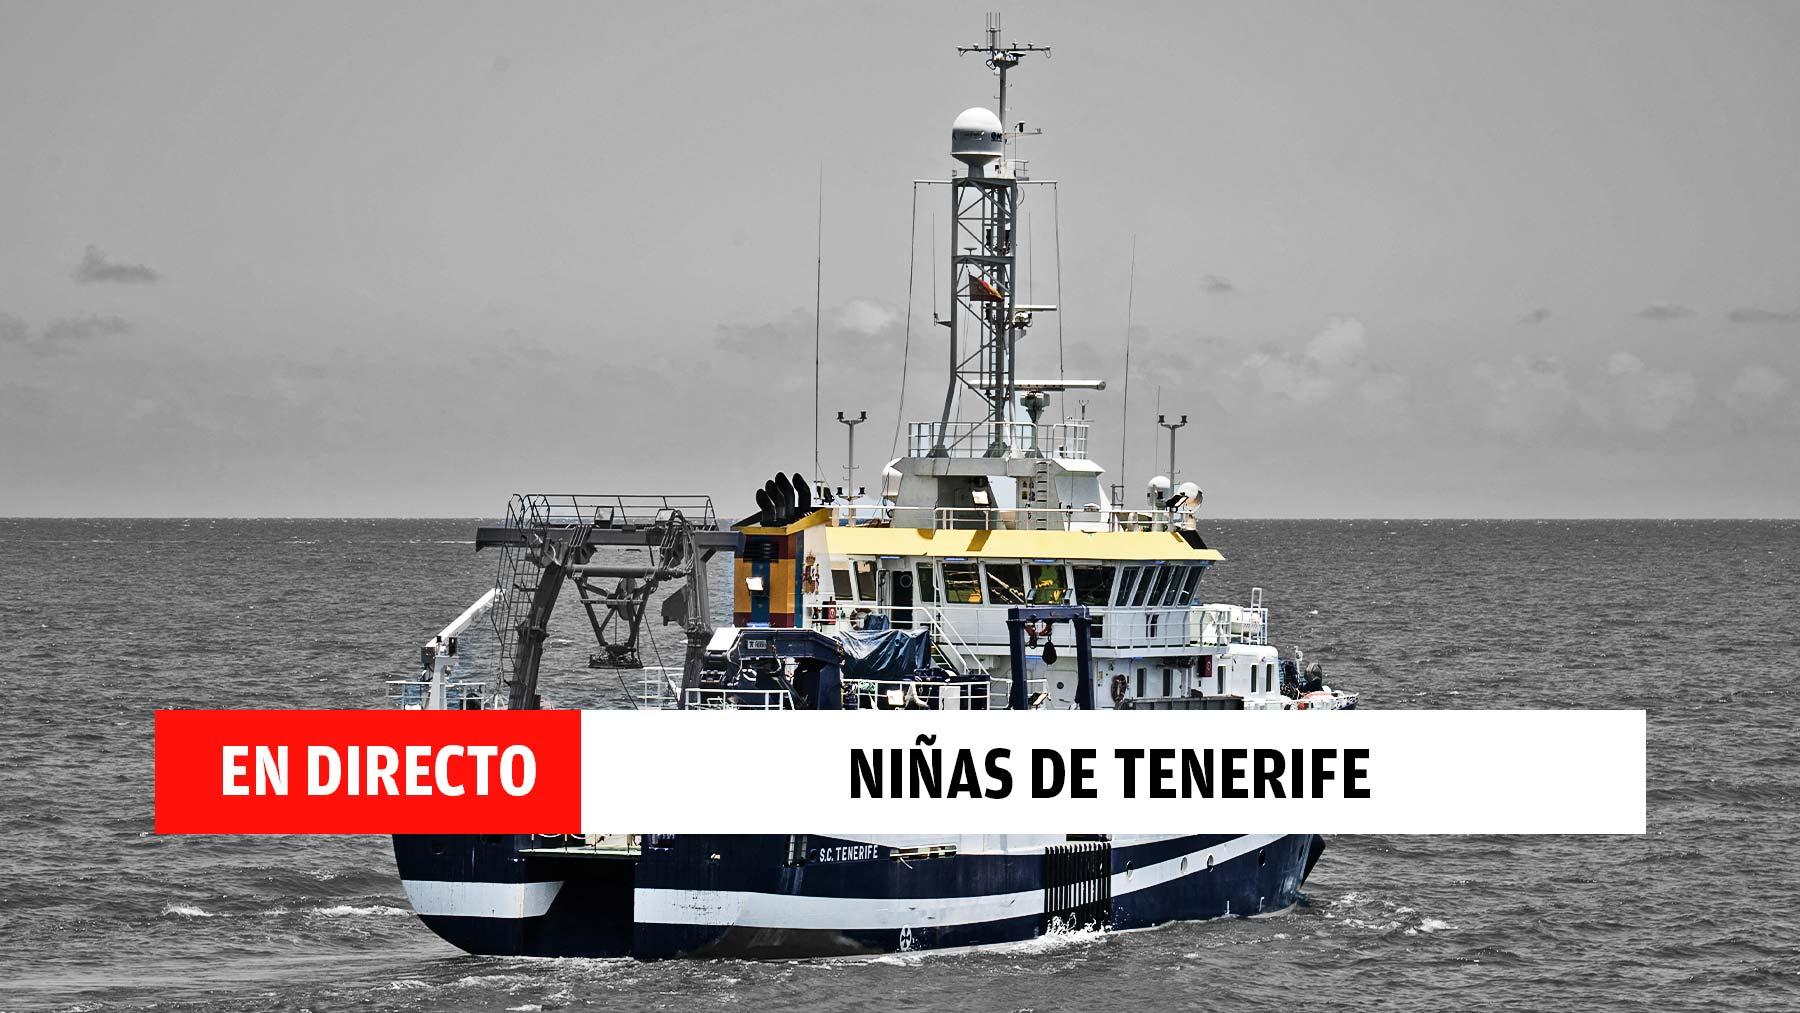 En directo la última hora del caso de las niñas de Tenerife